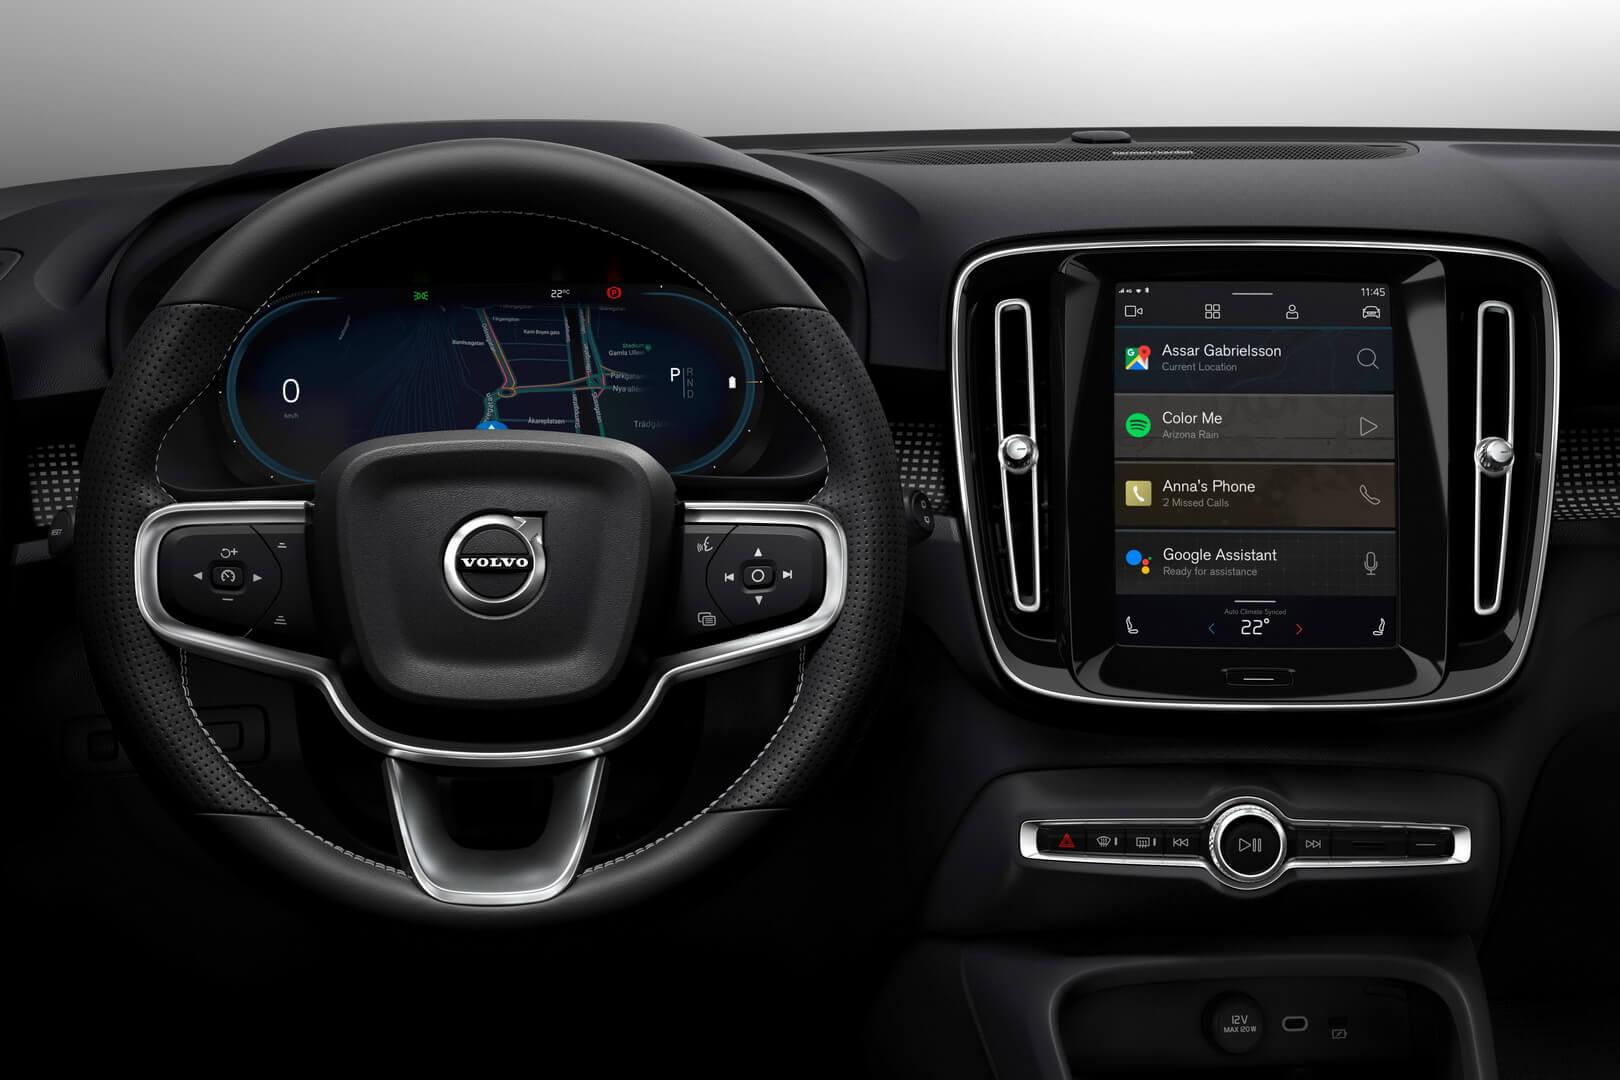 Информационно-развлекательная система в Volvo XC40 на базе Android со встроенными технологиями Google